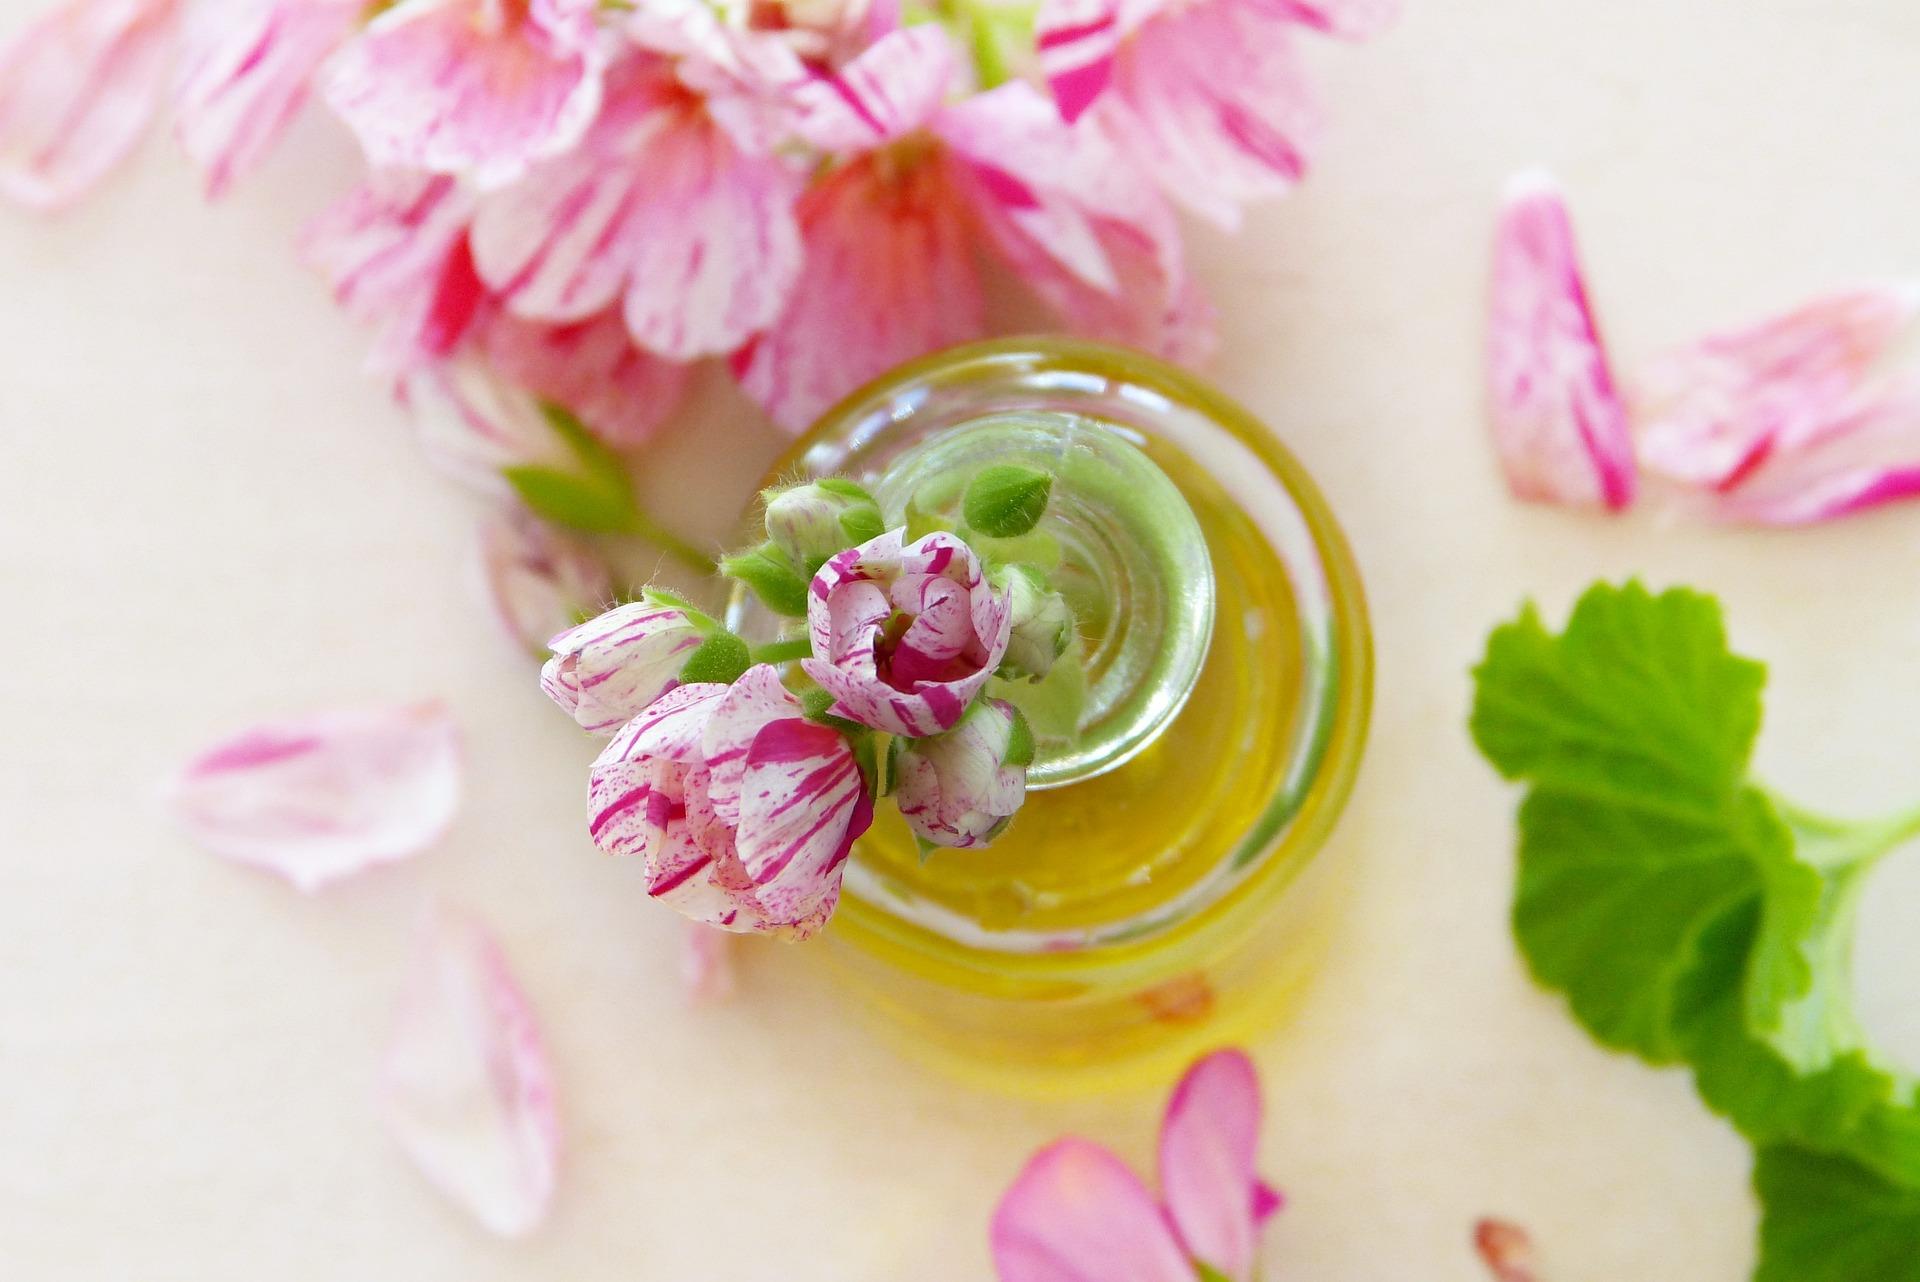 5 bonnes raisons d'utiliser des huiles essentielles antibiotiques